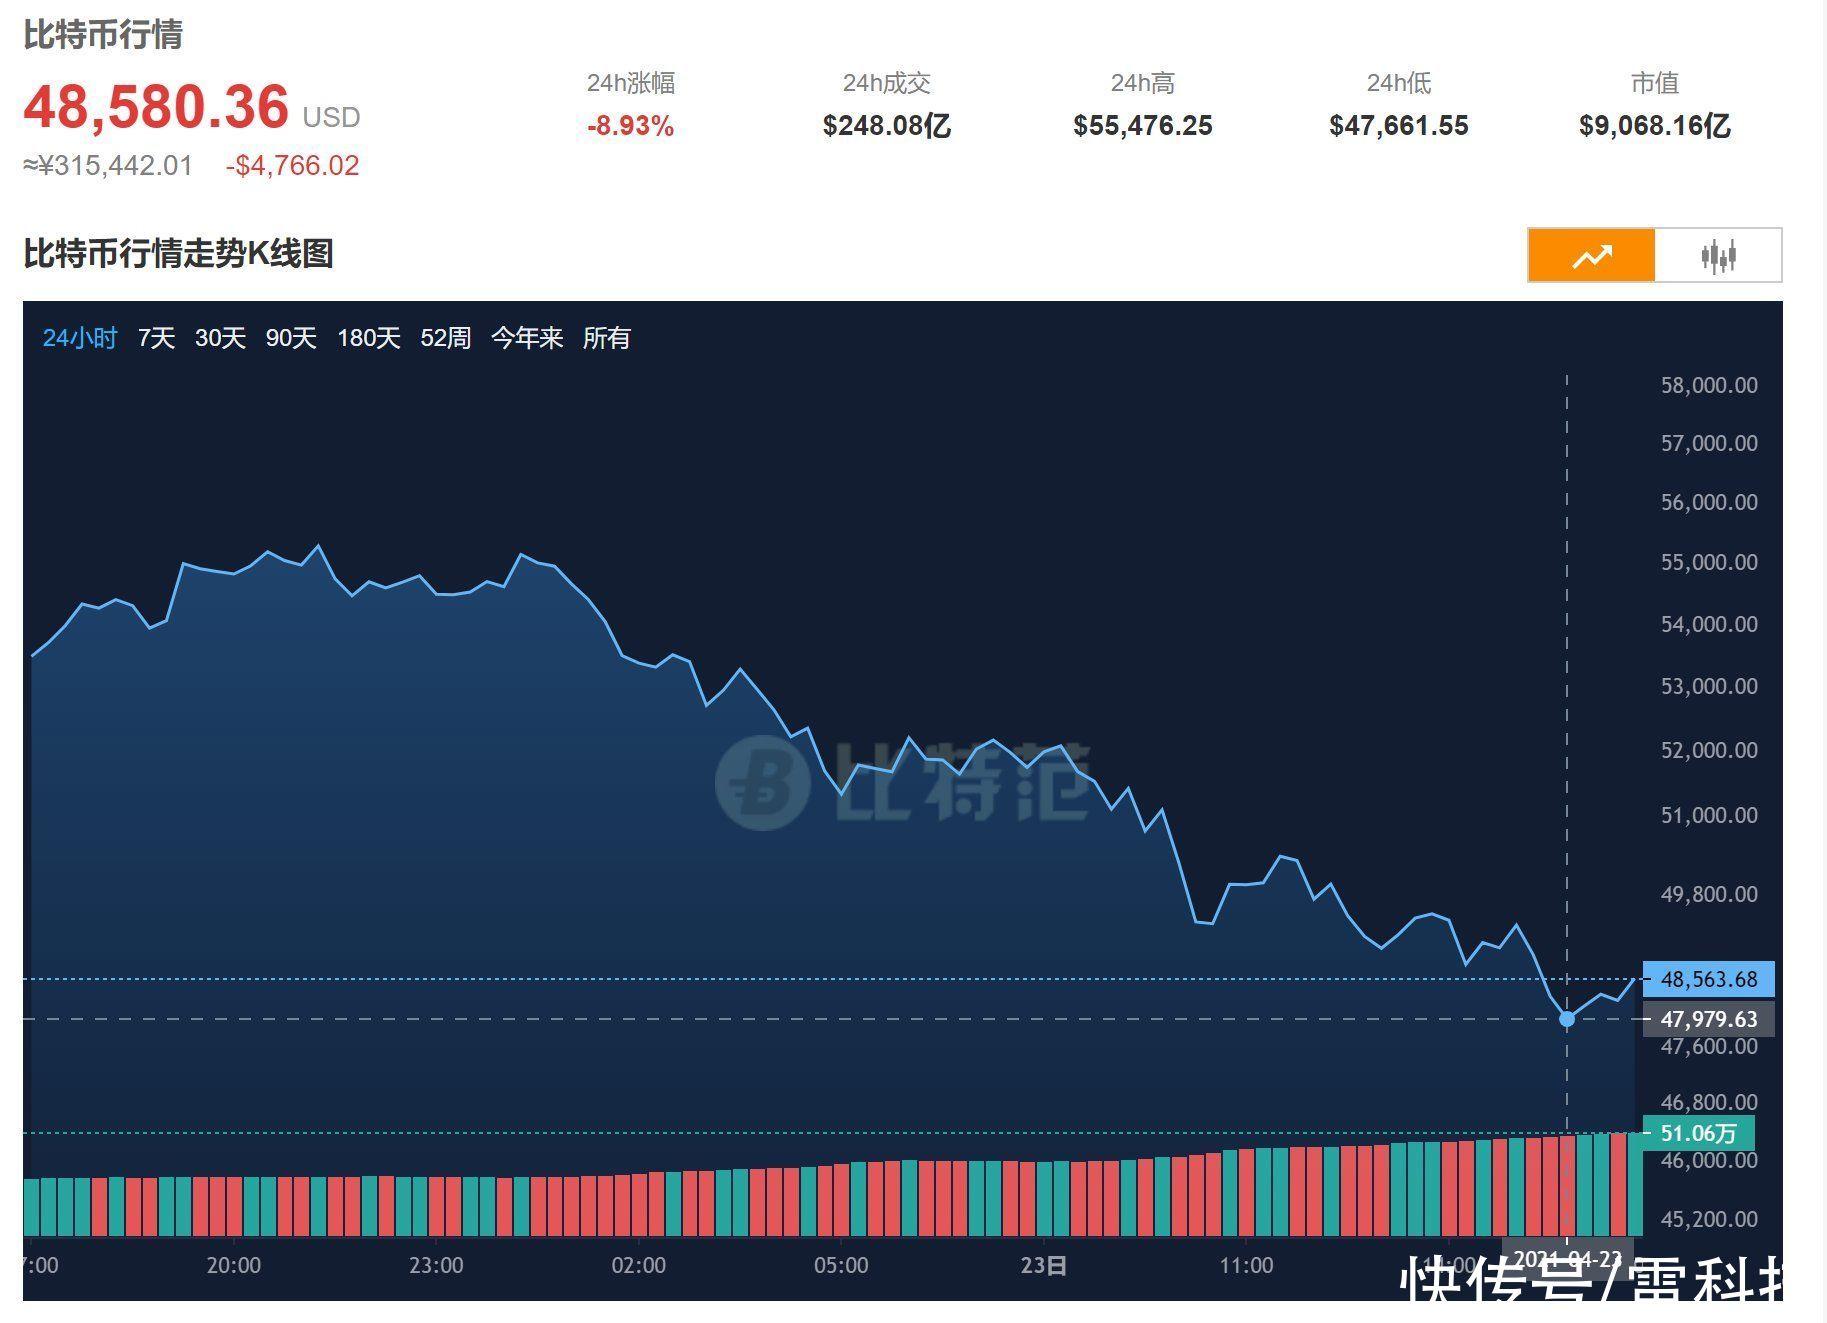 3070元收RTX 3070?虛擬貨幣全線崩盤:泡沫終須結束